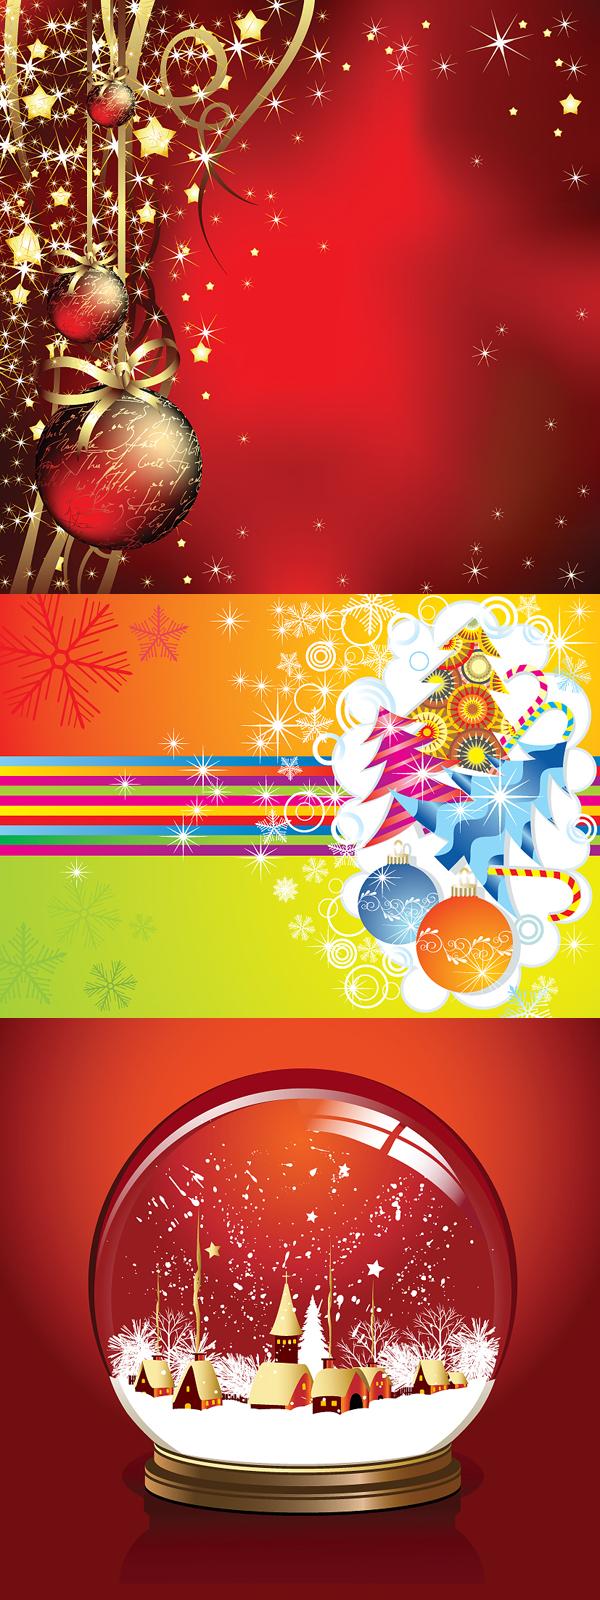 Nieve, bolas decorativas, estrellas, bola de cristal, bola de cristal de vectores